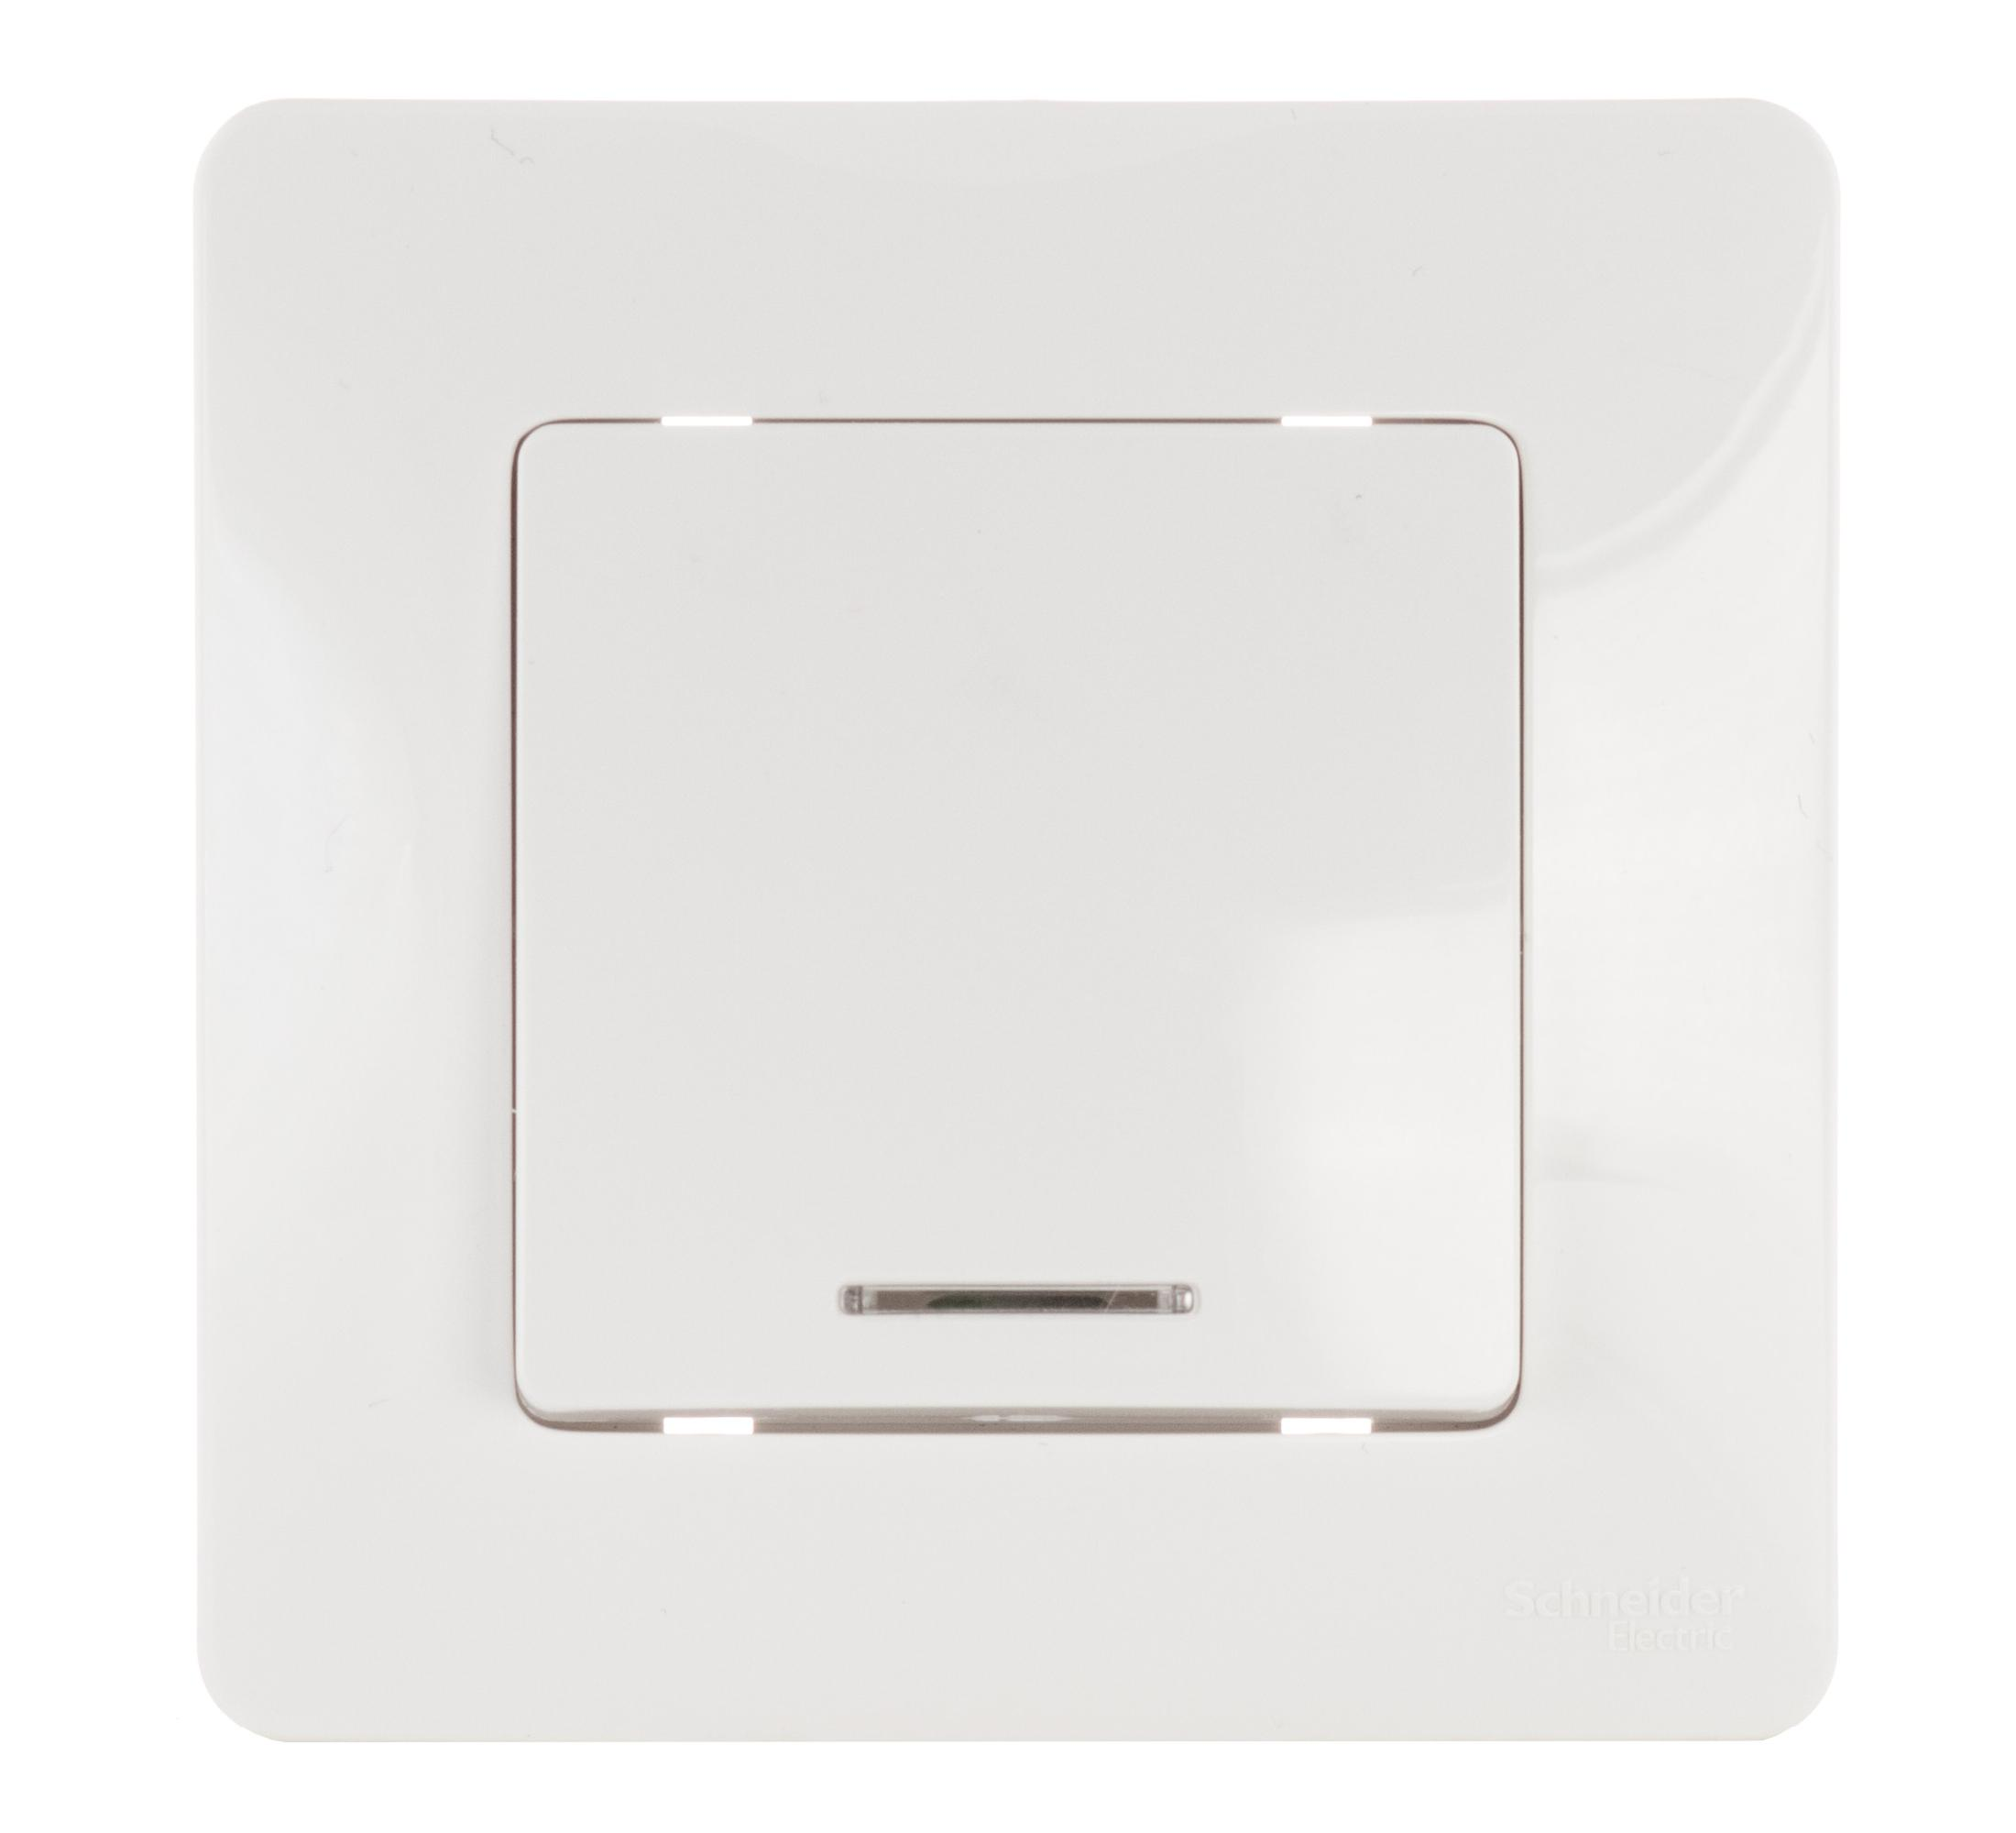 Выключатель Schneider electric Blnvs010112 blanca выключатель schneider electric blnva101013 blanca